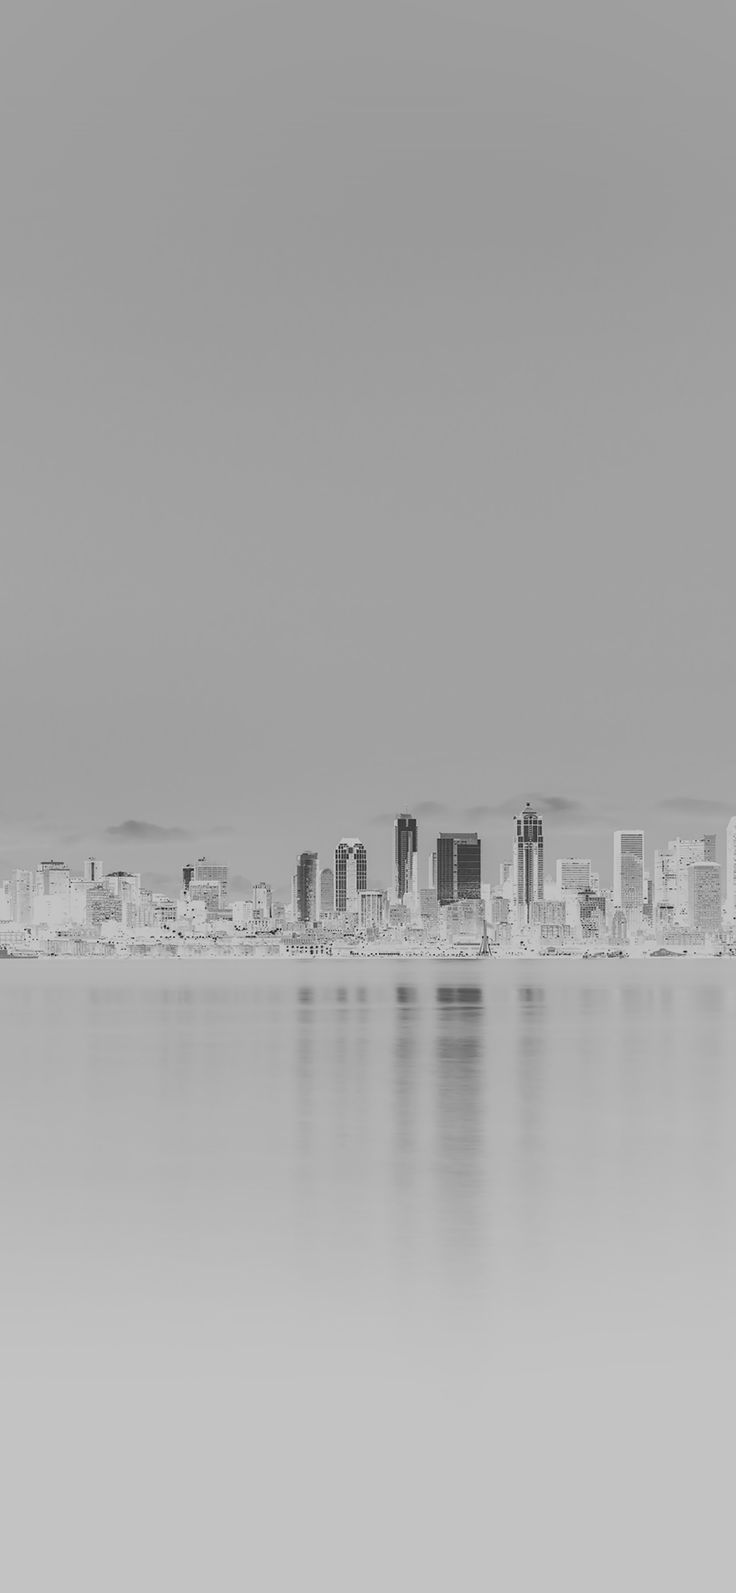 Iphone X Wallpaper Mk26 Night City View White Bw Nautre